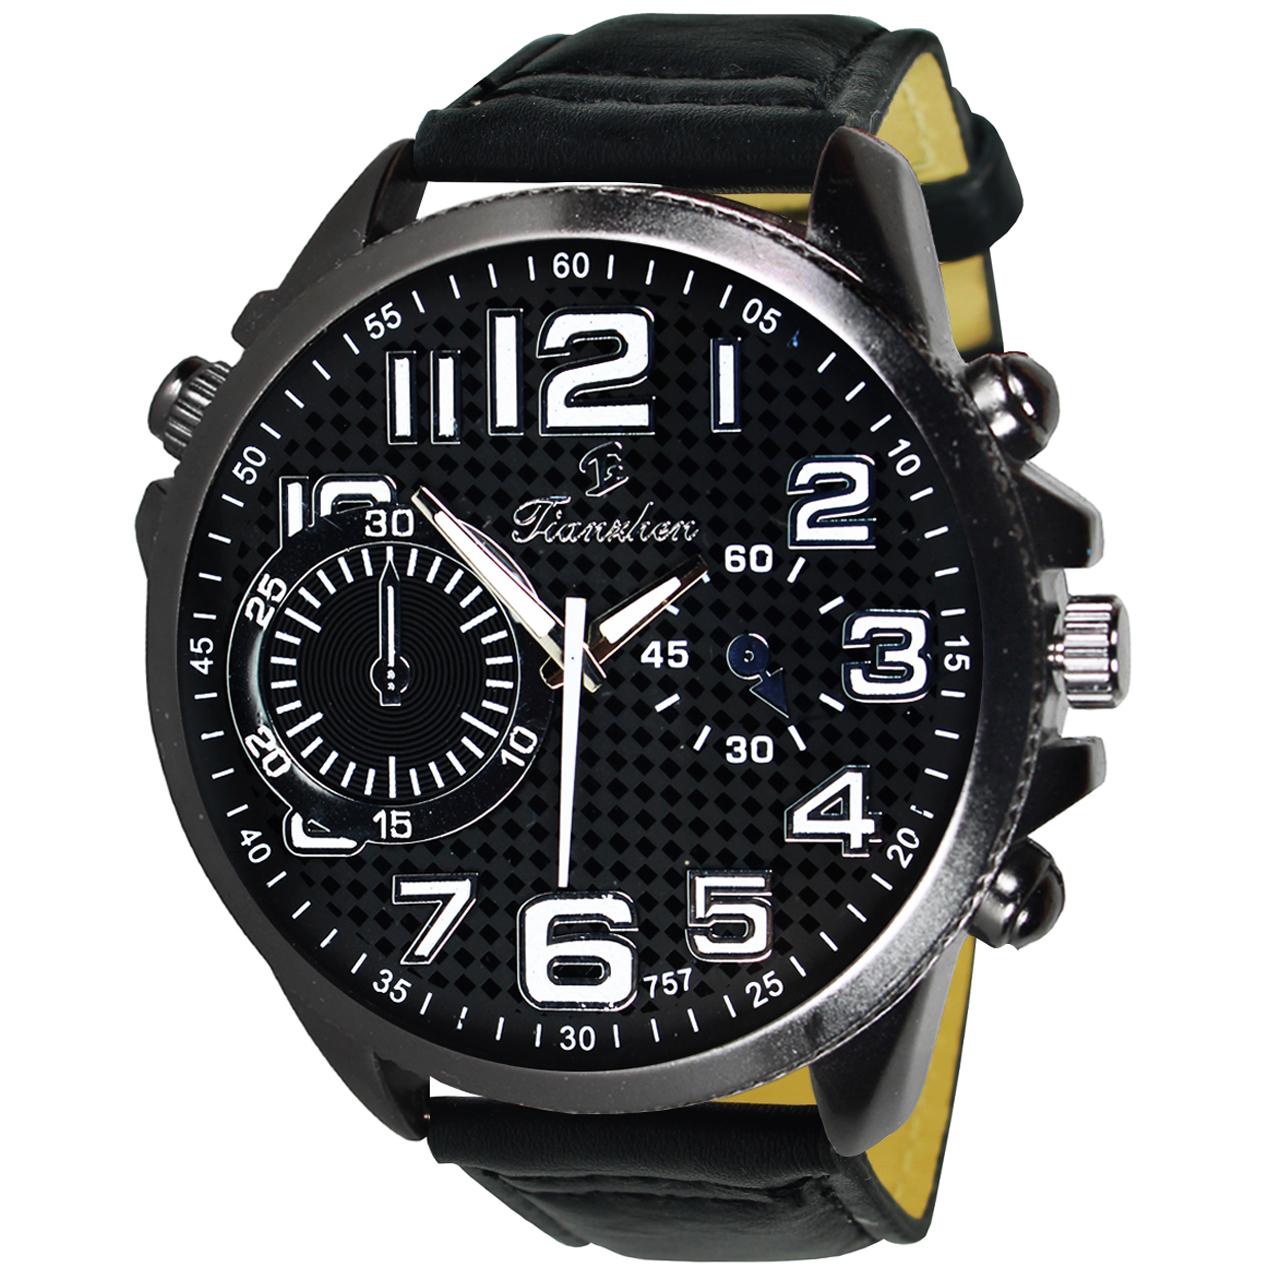 ساعت مچی عقربه ای مردانه فیانچن مدل Series 5-22 37